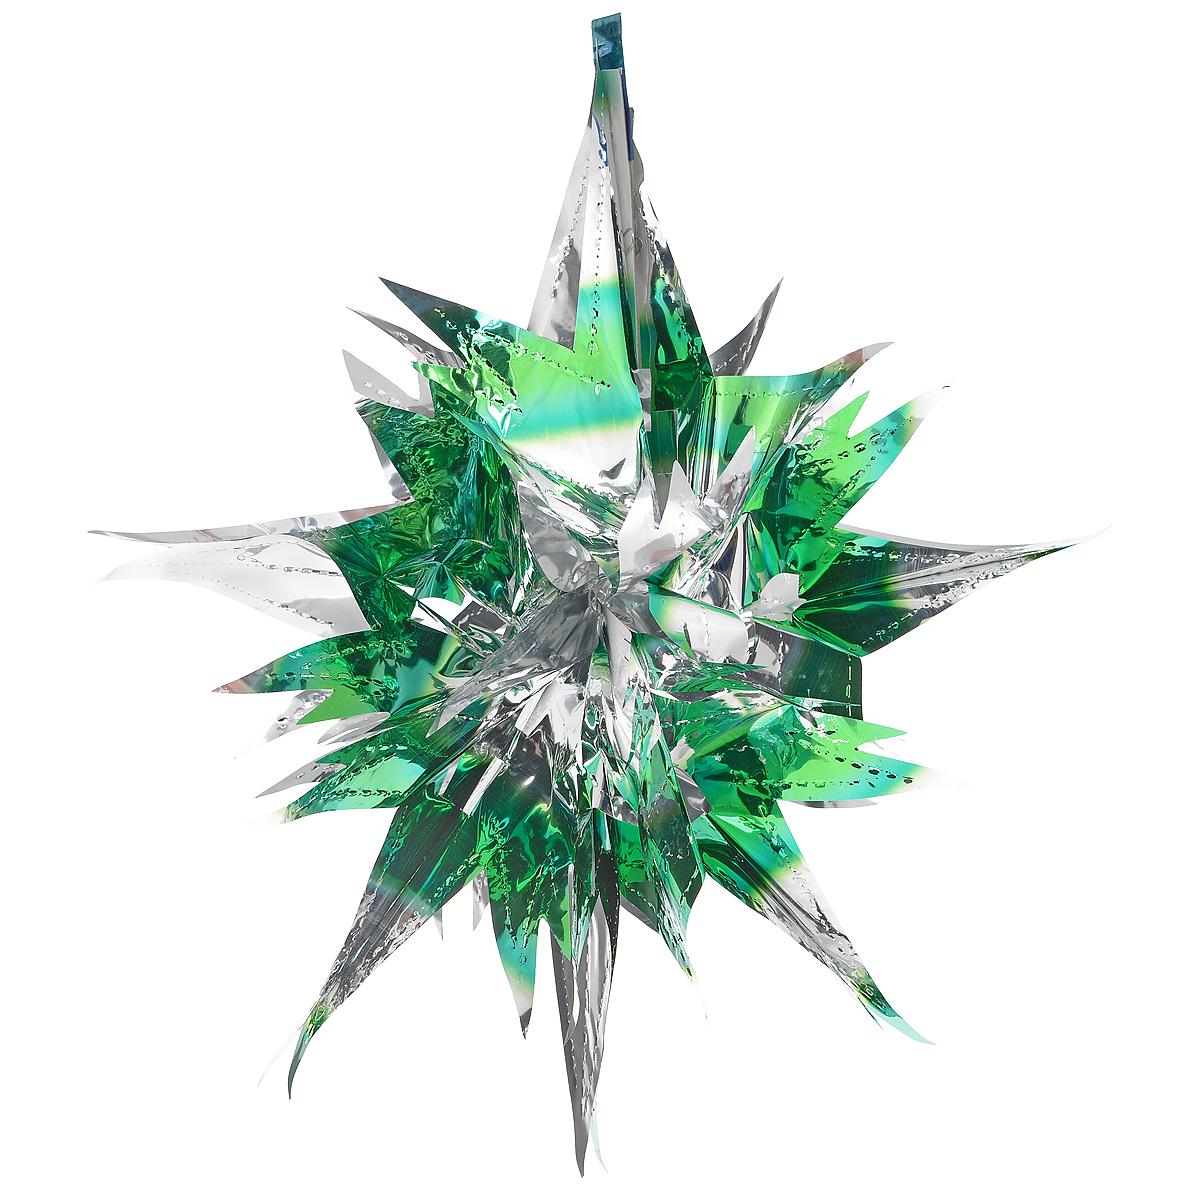 Новогоднее подвесное украшение Звезда, цвет: серебристый, зеленый. 27009C0042416Новогоднее украшение Звезда отлично подойдет для декорации вашего дома и новогодней ели. Украшение выполнено из ПВХ в форме многогранной многоцветной звезды. С помощью специальной петельки звезду можно повесить в любом понравившемся вам месте. Украшение легко складывается и раскладывается благодаря металлическим кольцам. Новогодние украшения несут в себе волшебство и красоту праздника. Они помогут вам украсить дом к предстоящим праздникам и оживить интерьер по вашему вкусу. Создайте в доме атмосферу тепла, веселья и радости, украшая его всей семьей. Коллекция декоративных украшений из серии Magic Time принесет в ваш дом ни с чем не сравнимое ощущение волшебства!Размер украшения (в сложенном виде): 25 см х 21,5 см.